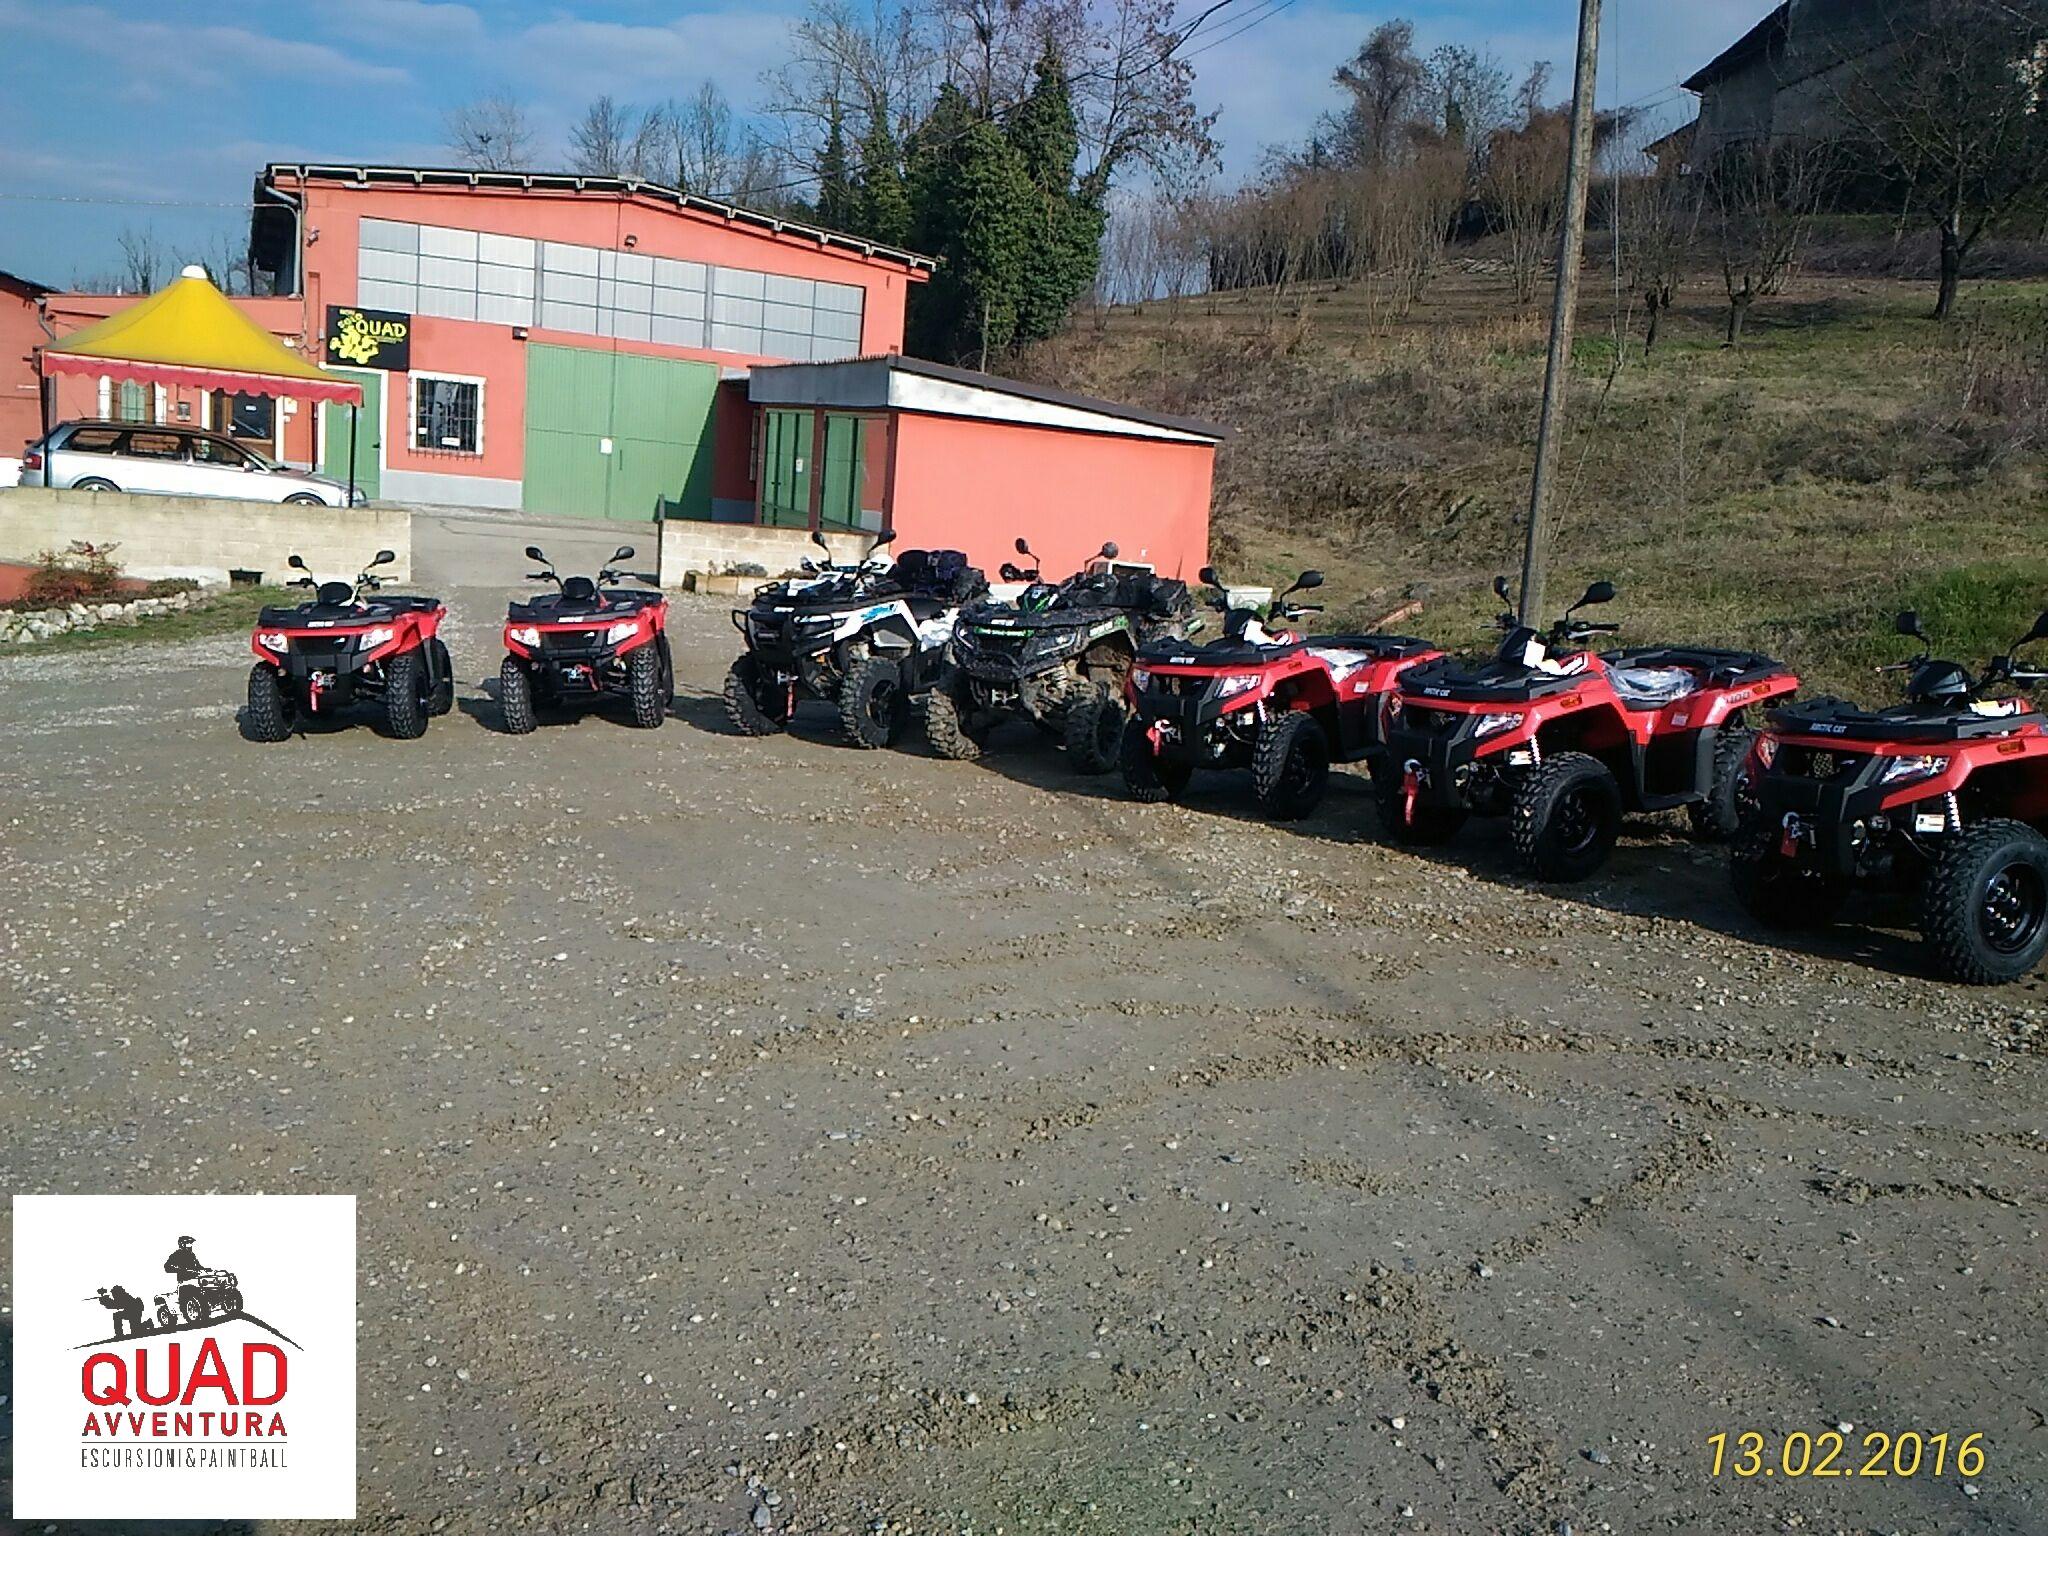 Tutti i nostri quad